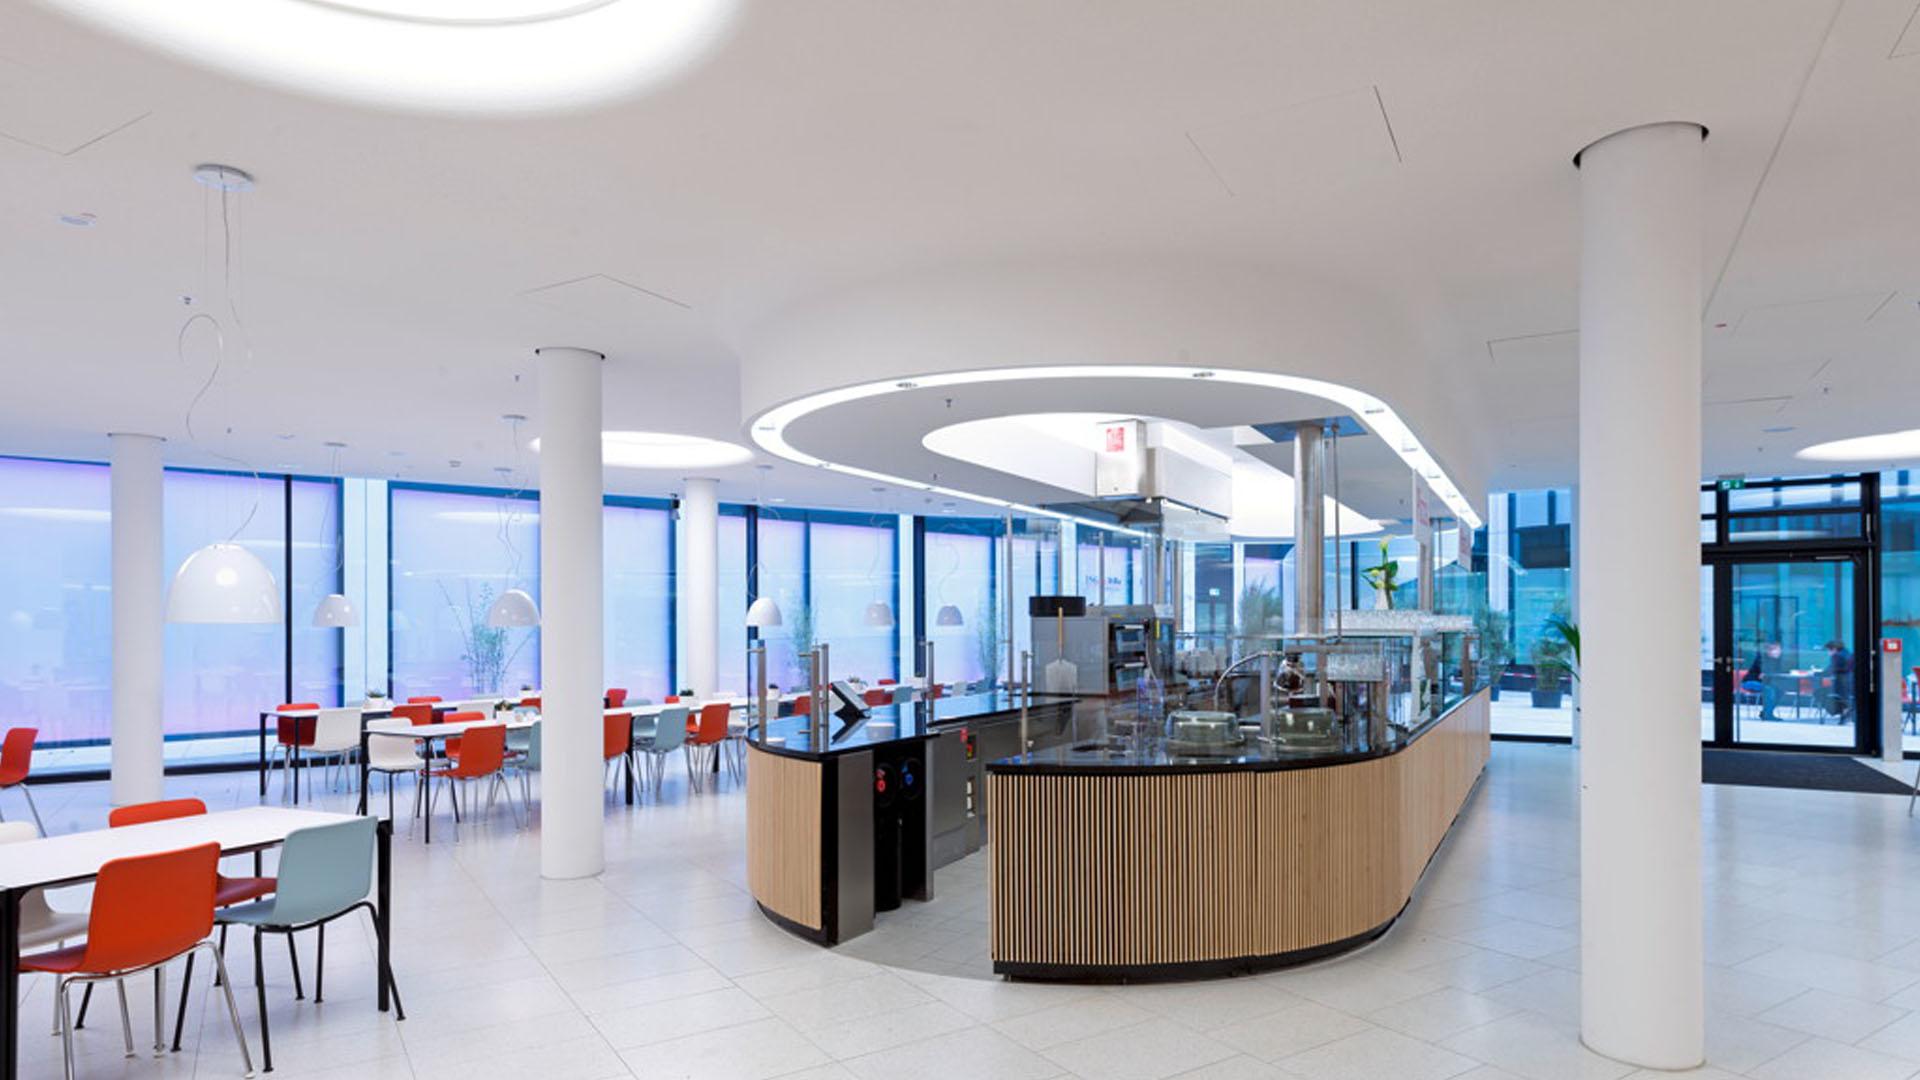 MAASS-Lichtplanung_Lichtplanung repräsentativer Bereiche der ING-DiBa Hauptzentrale__MAASS-Poseidonhaus-Innen-005